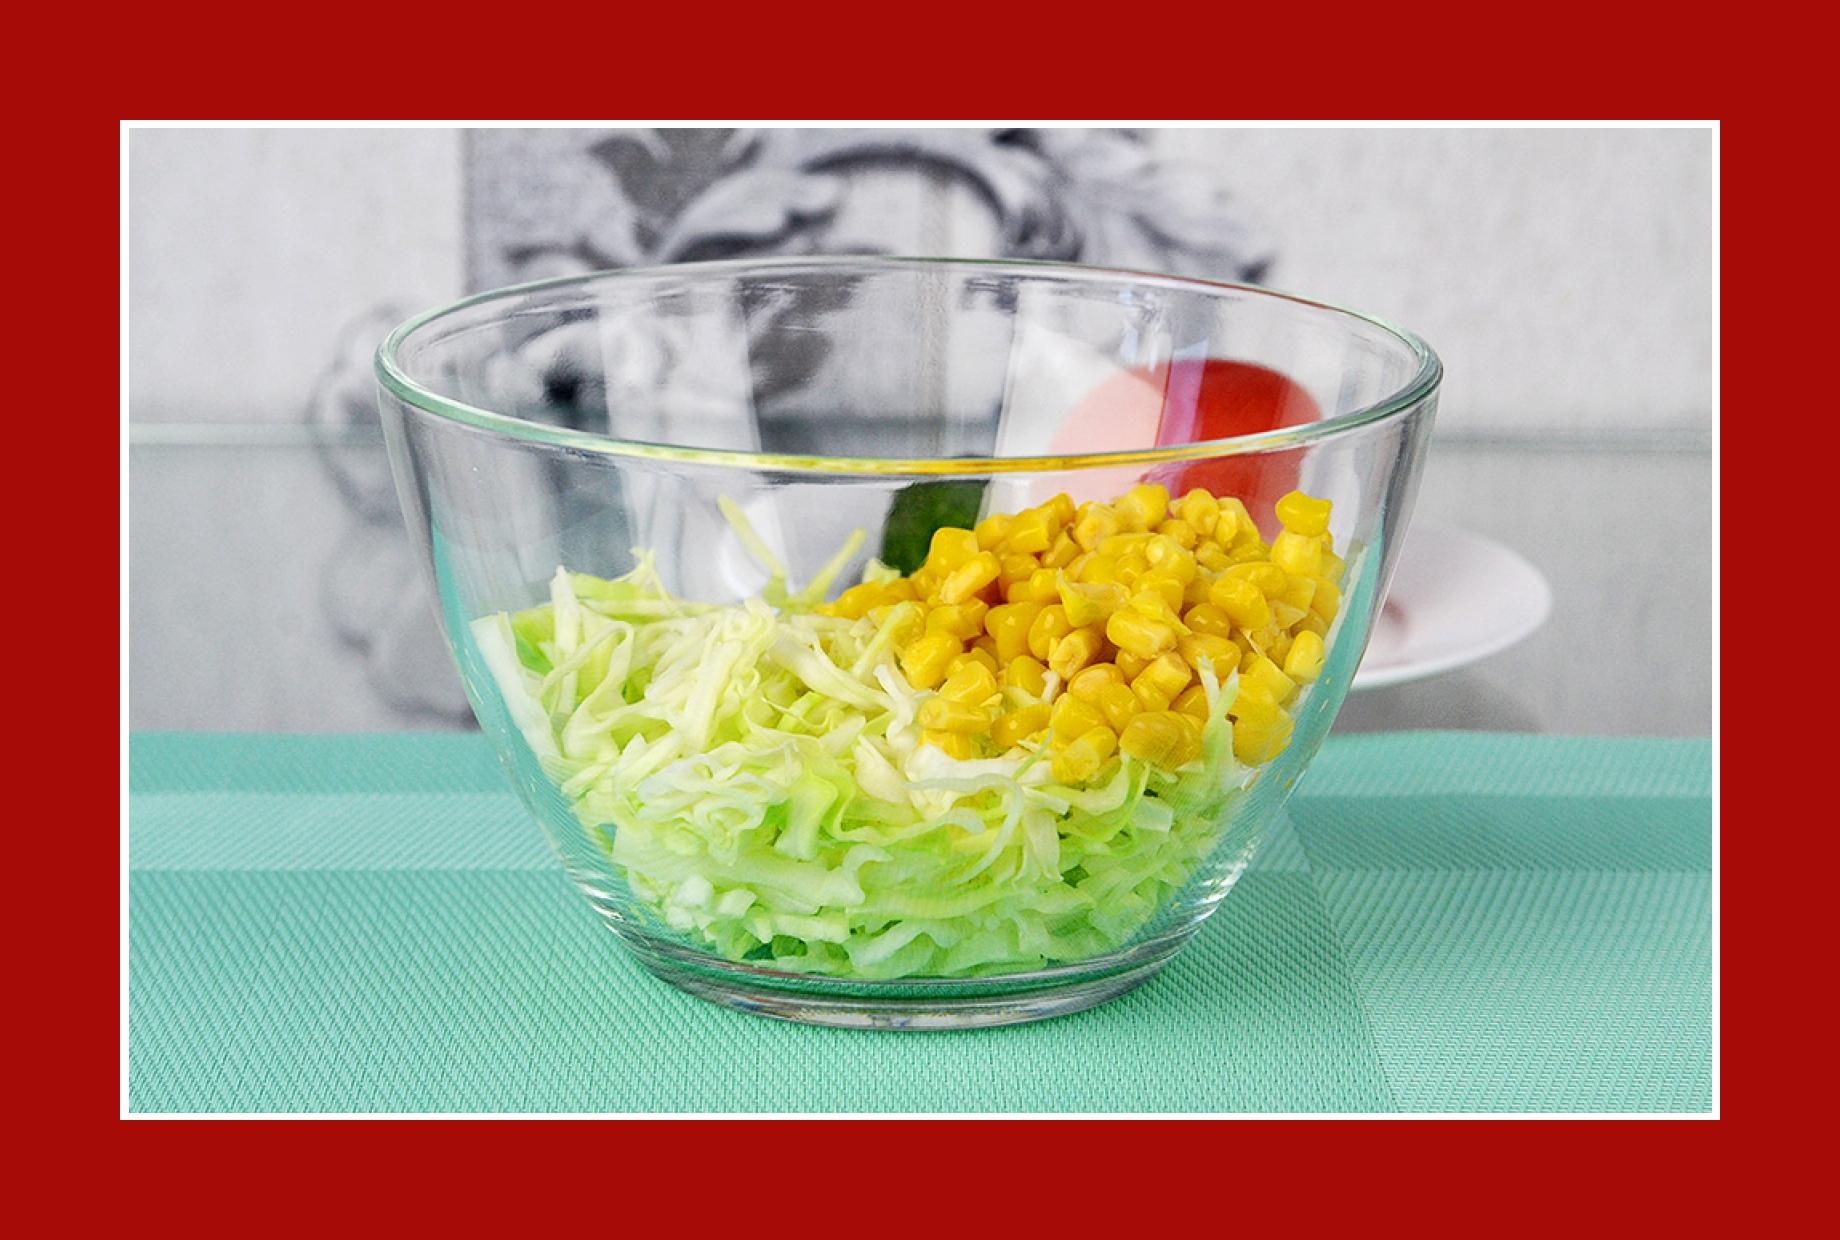 einfacher Salat zum Grillen mit Kohl und Mais